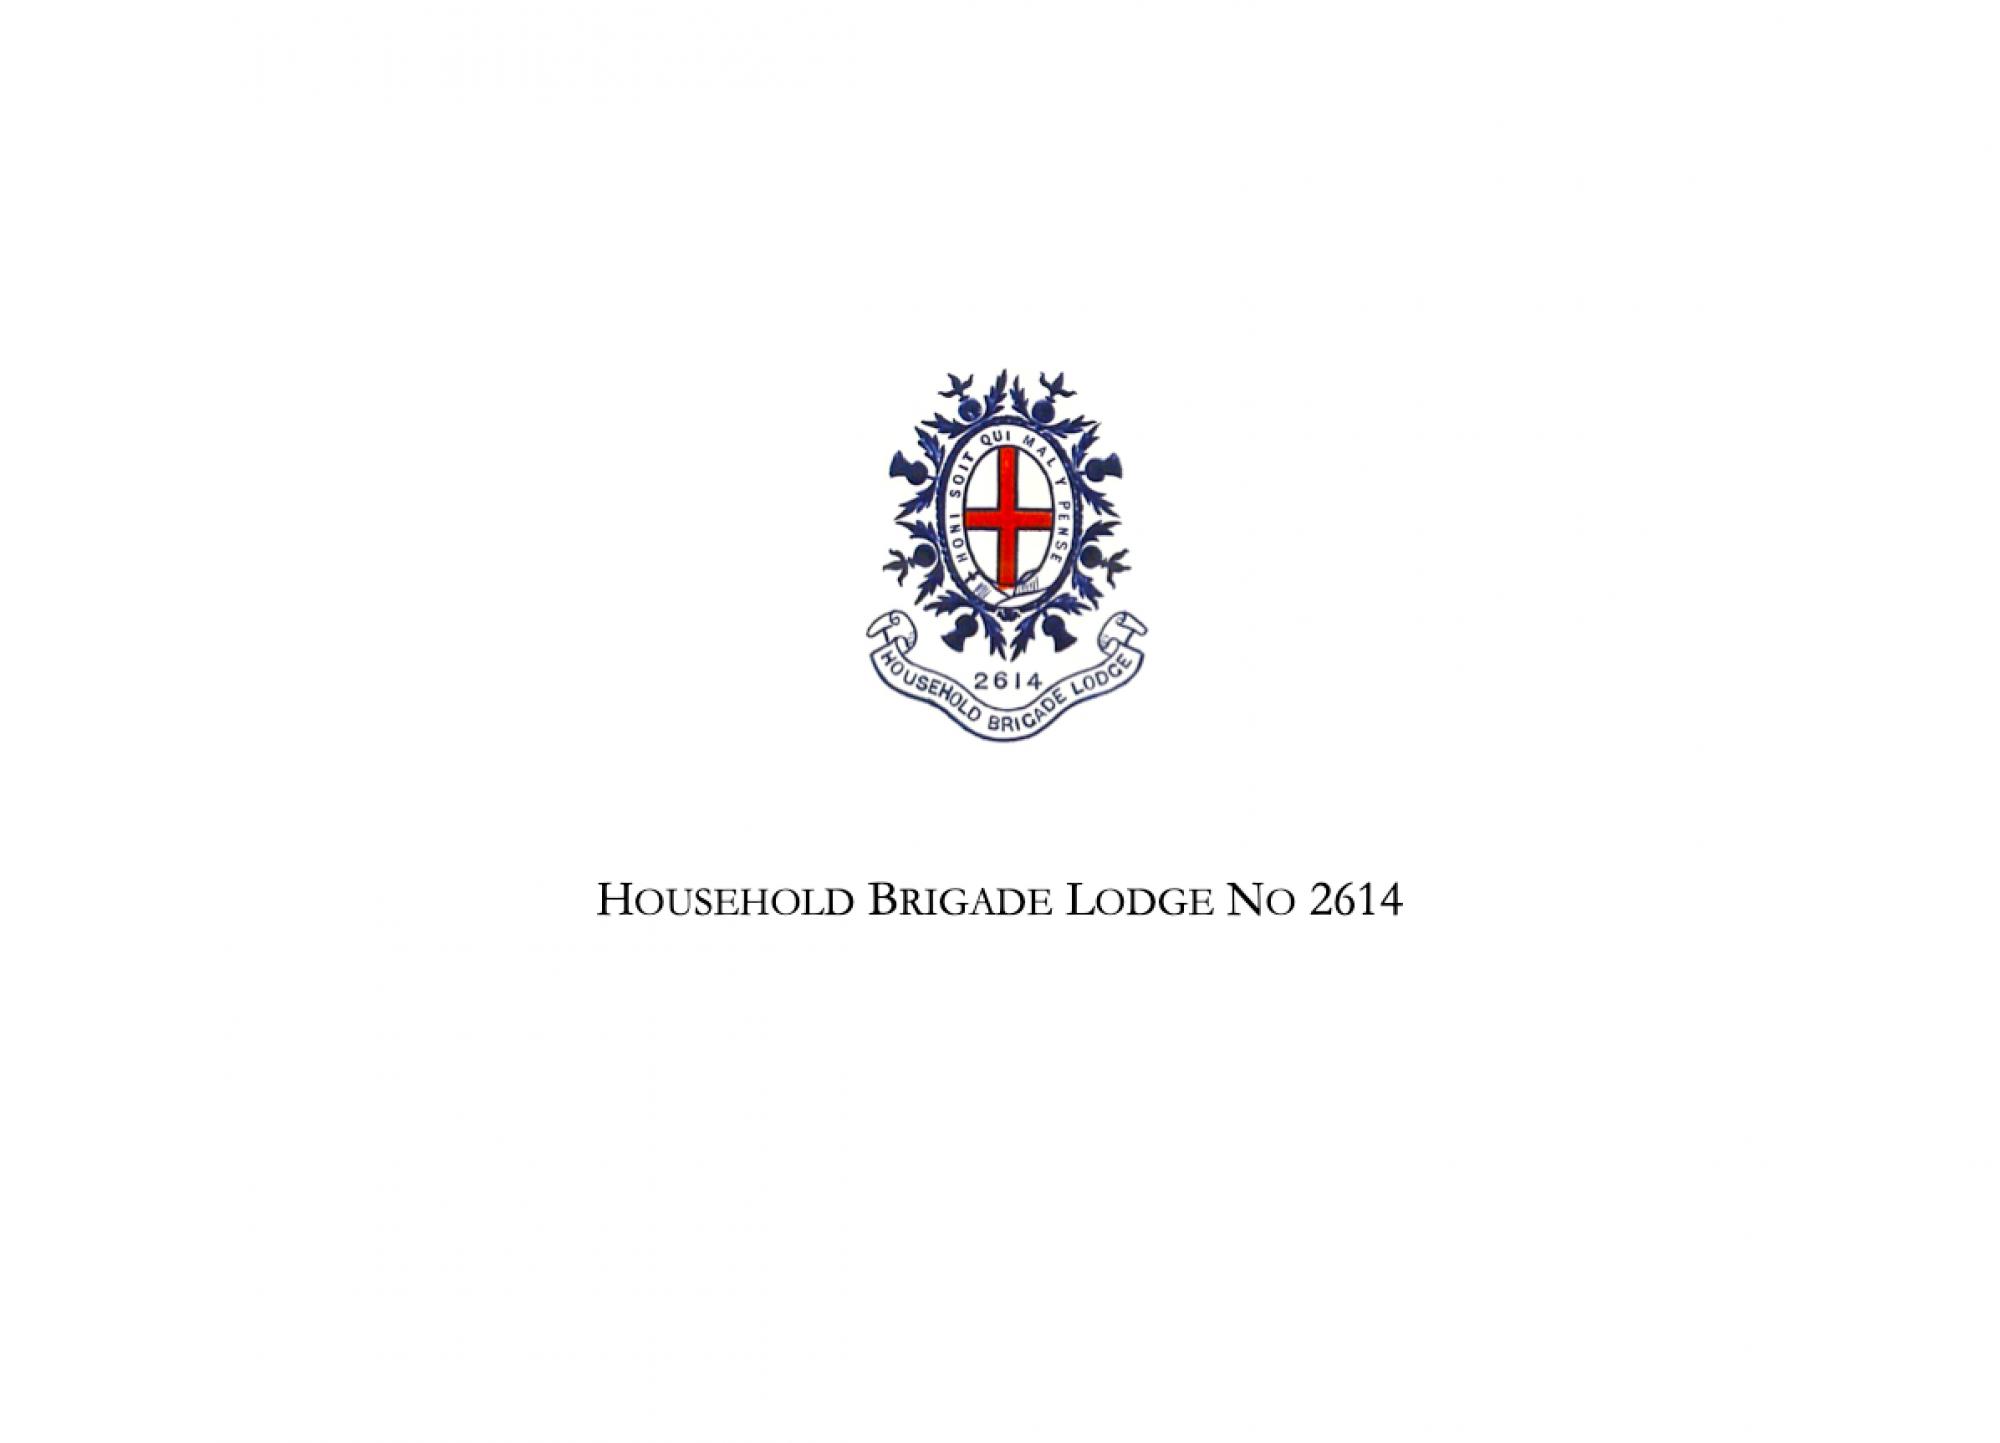 Household Brigade Lodge No 2614